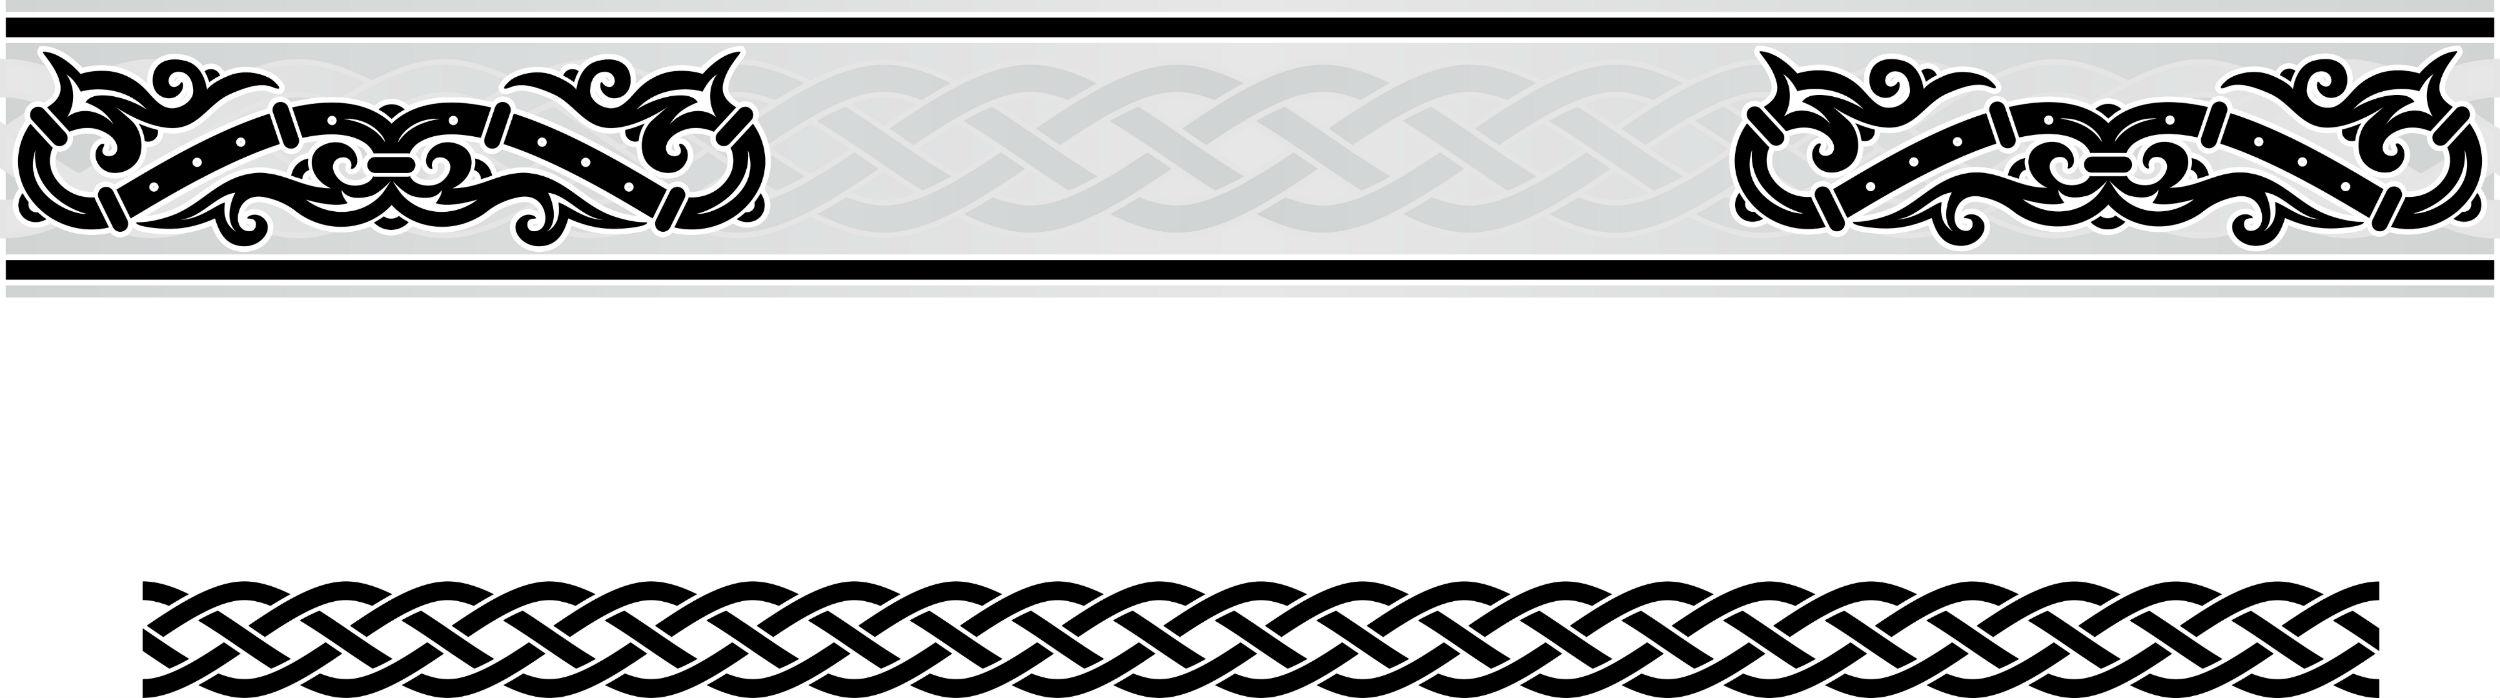 97-frame-resmaller